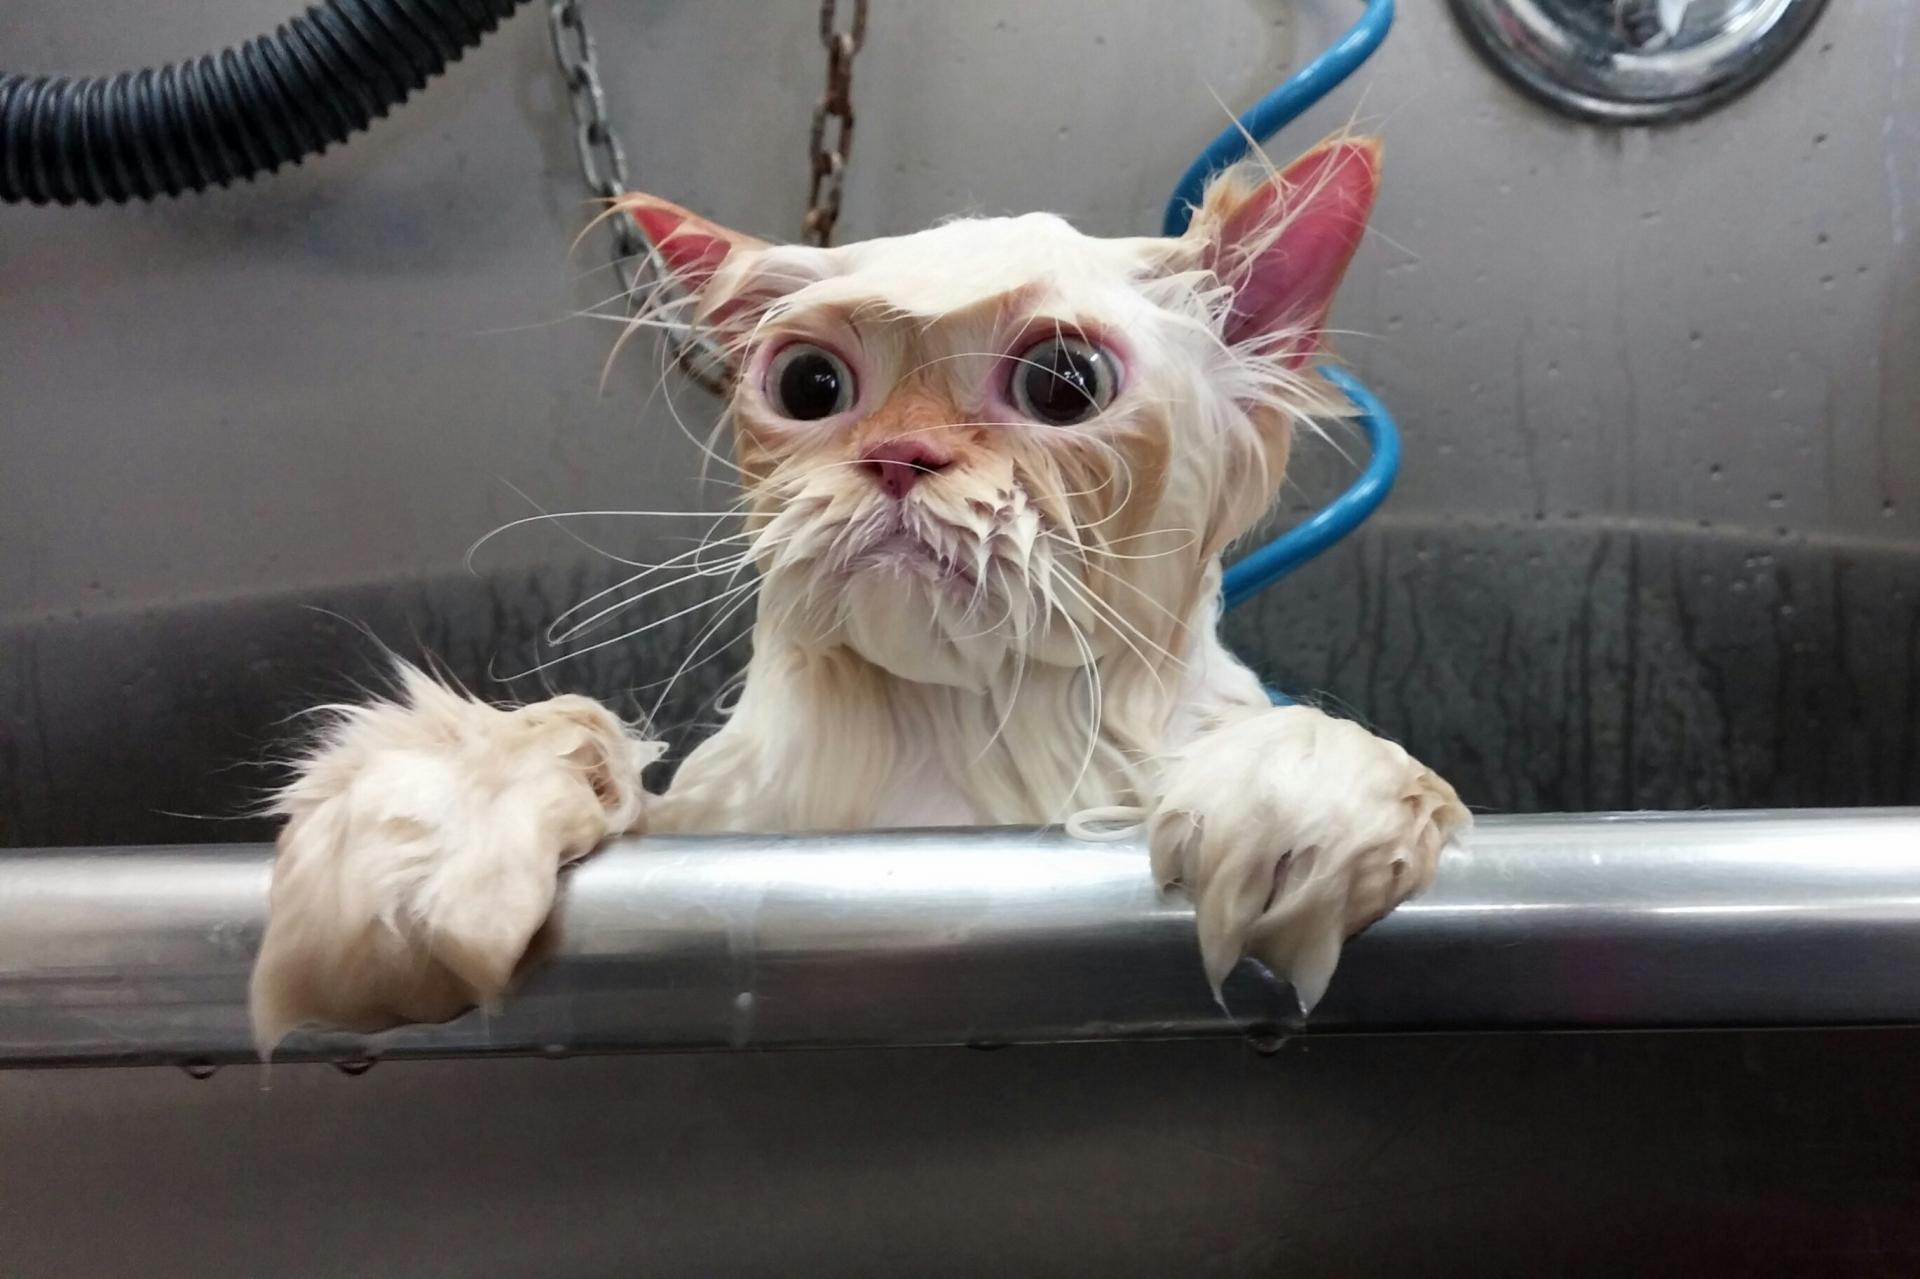 артемиду смешные кошки фото до слез машина времени перенесет